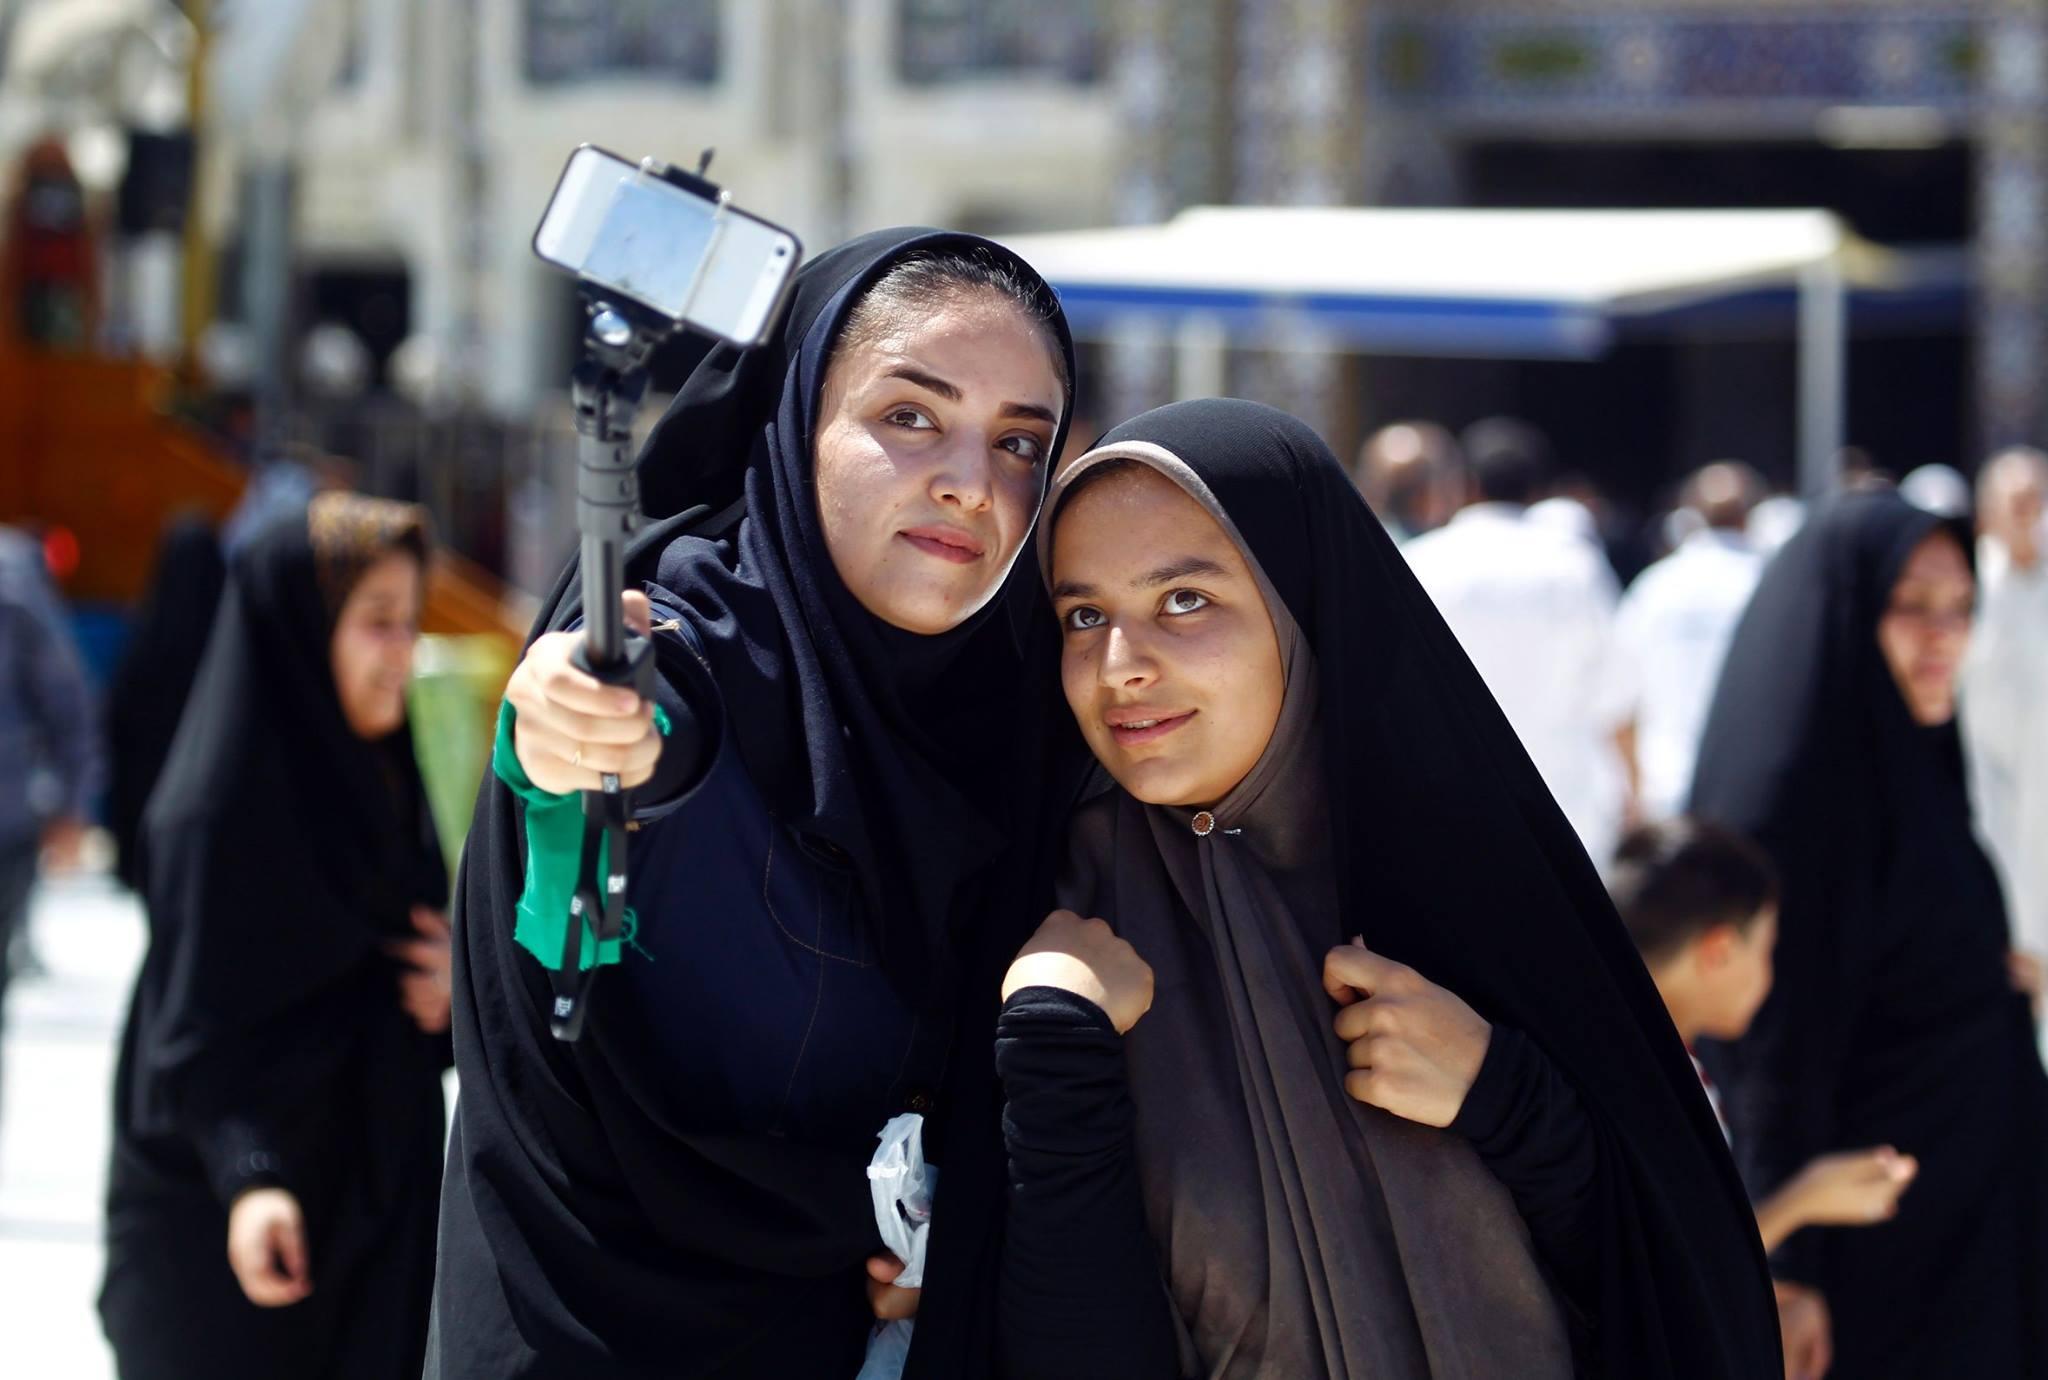 بالصور بنات ايرانيات , الايرانيات والجمال الهادئ 791 1